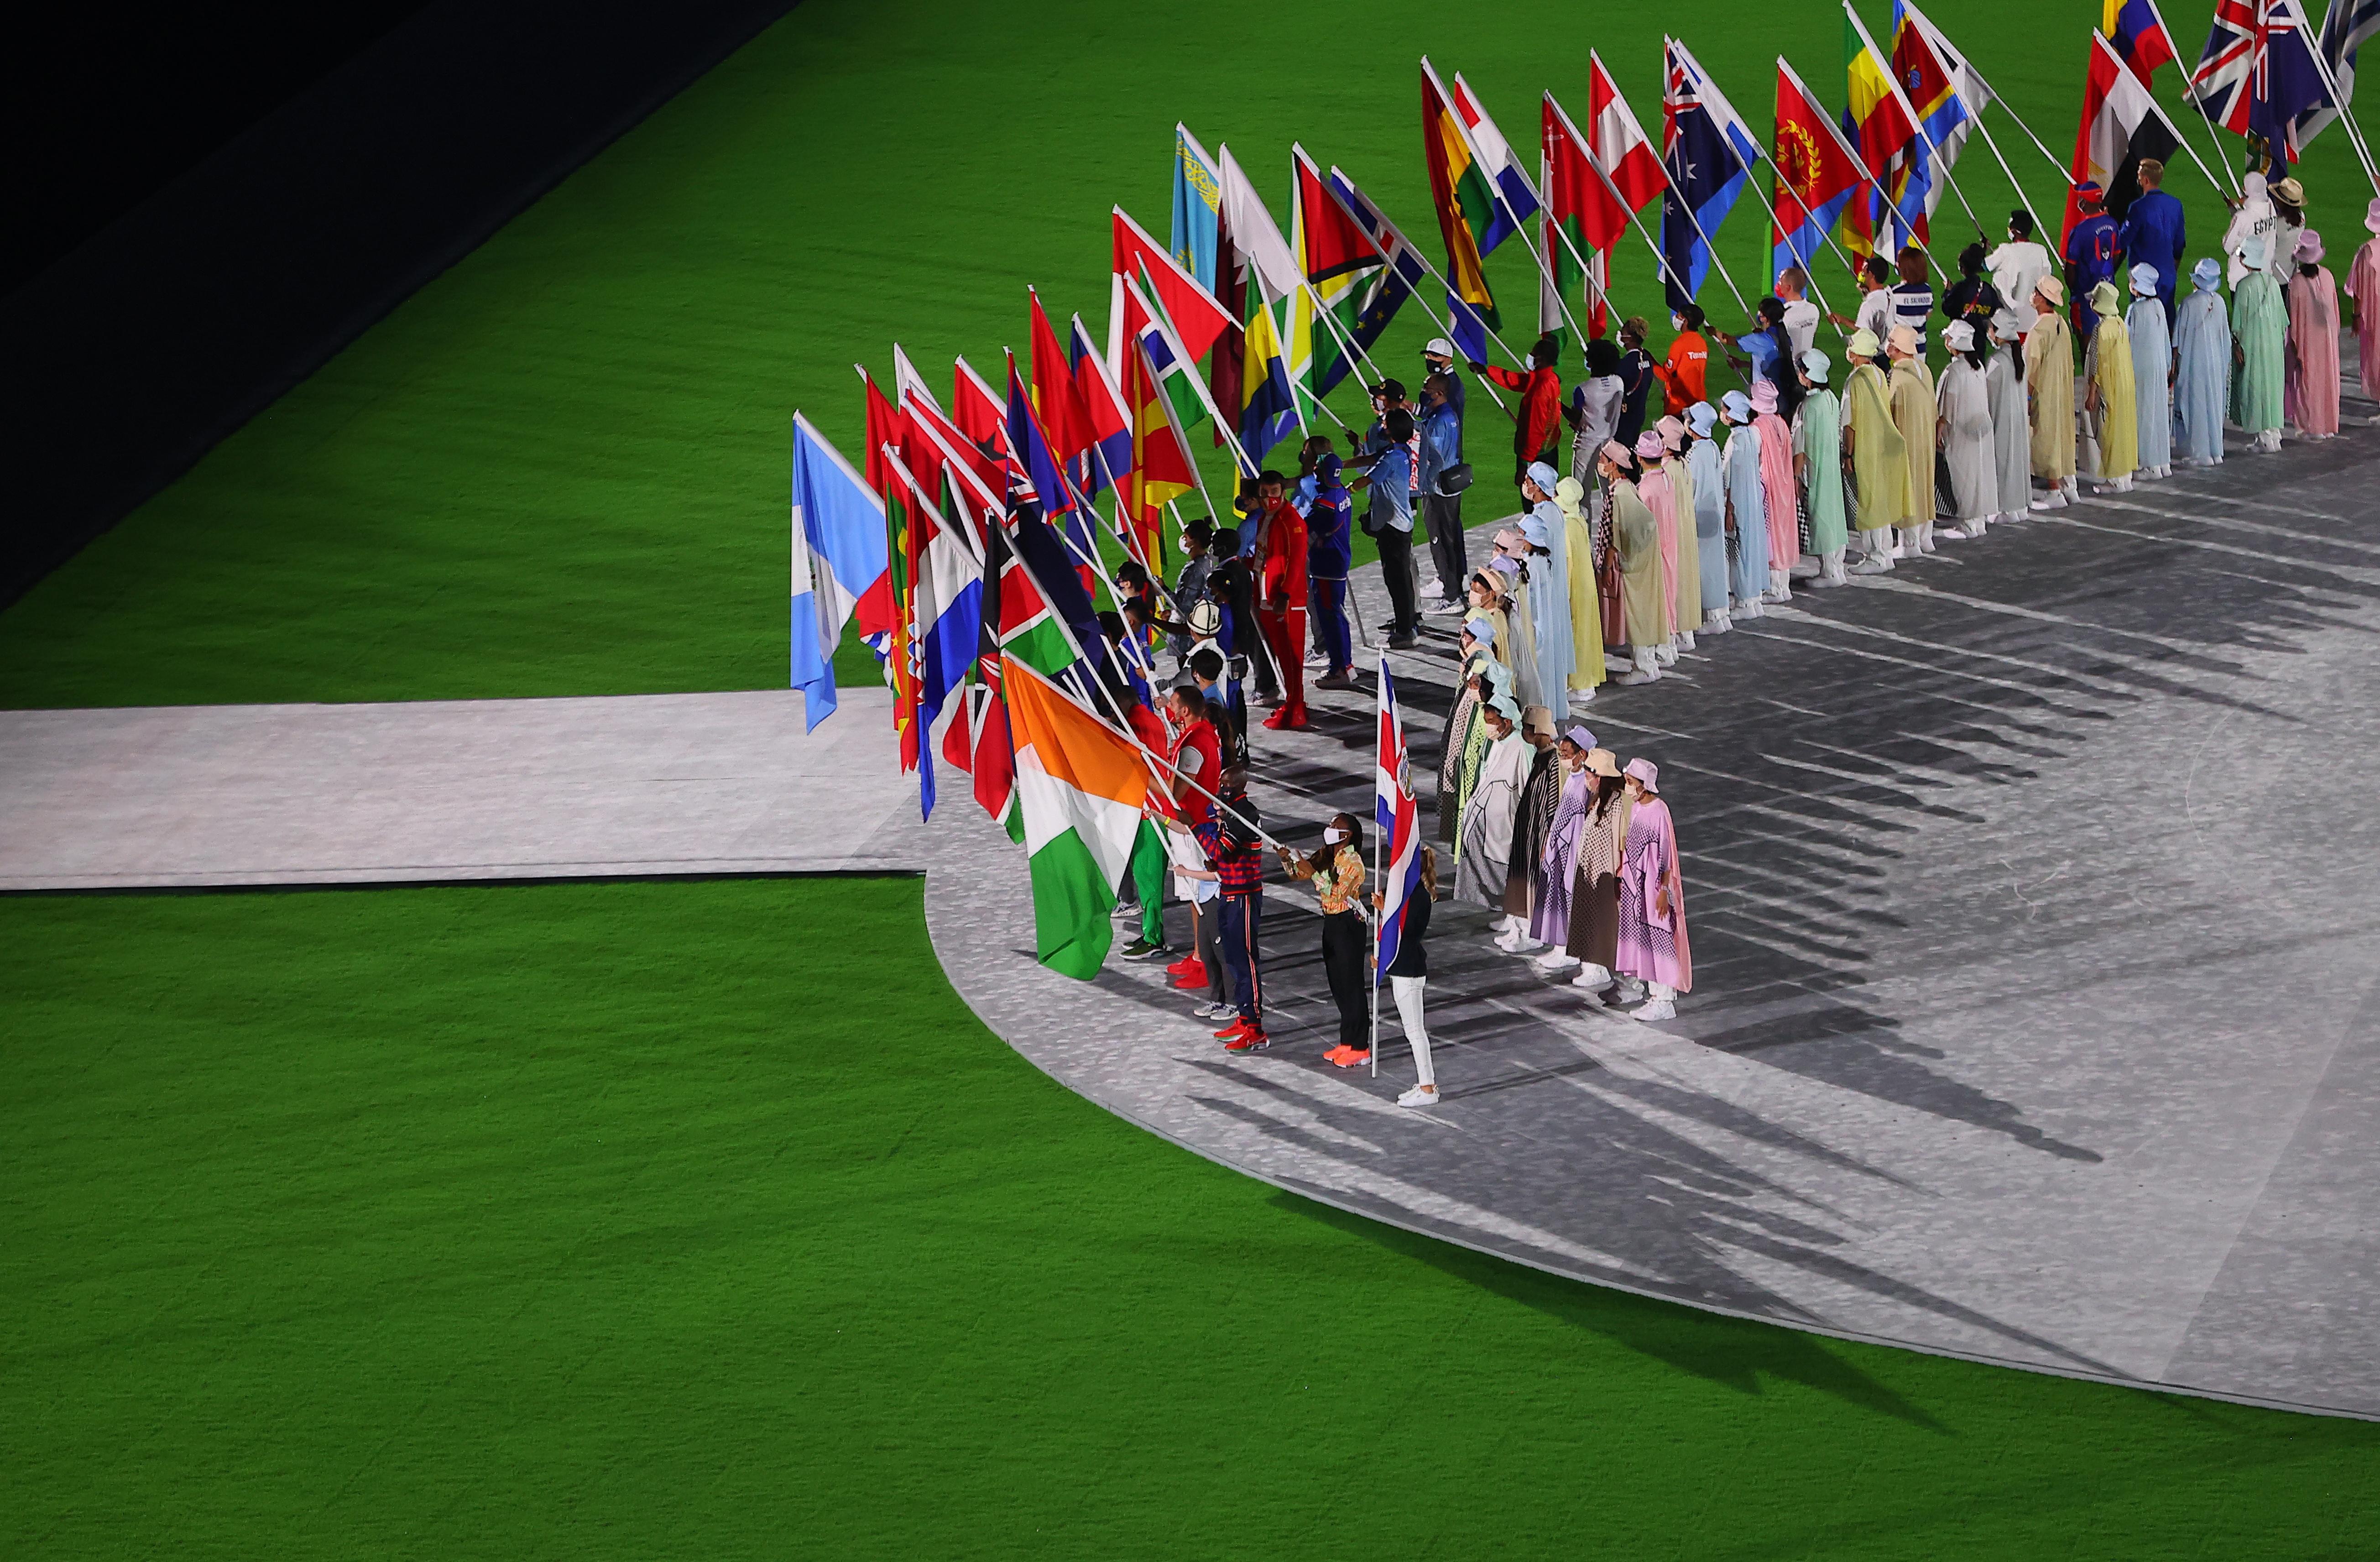 टोक्यो में 11 हजार 90 एथलीट्स ने हिस्सा लिया। कोरोना प्रोटोकॉल के चलते सभी को सिर्फ 5 दिन ओलिंपिक विलेज में रुकने की इजाजत थी।